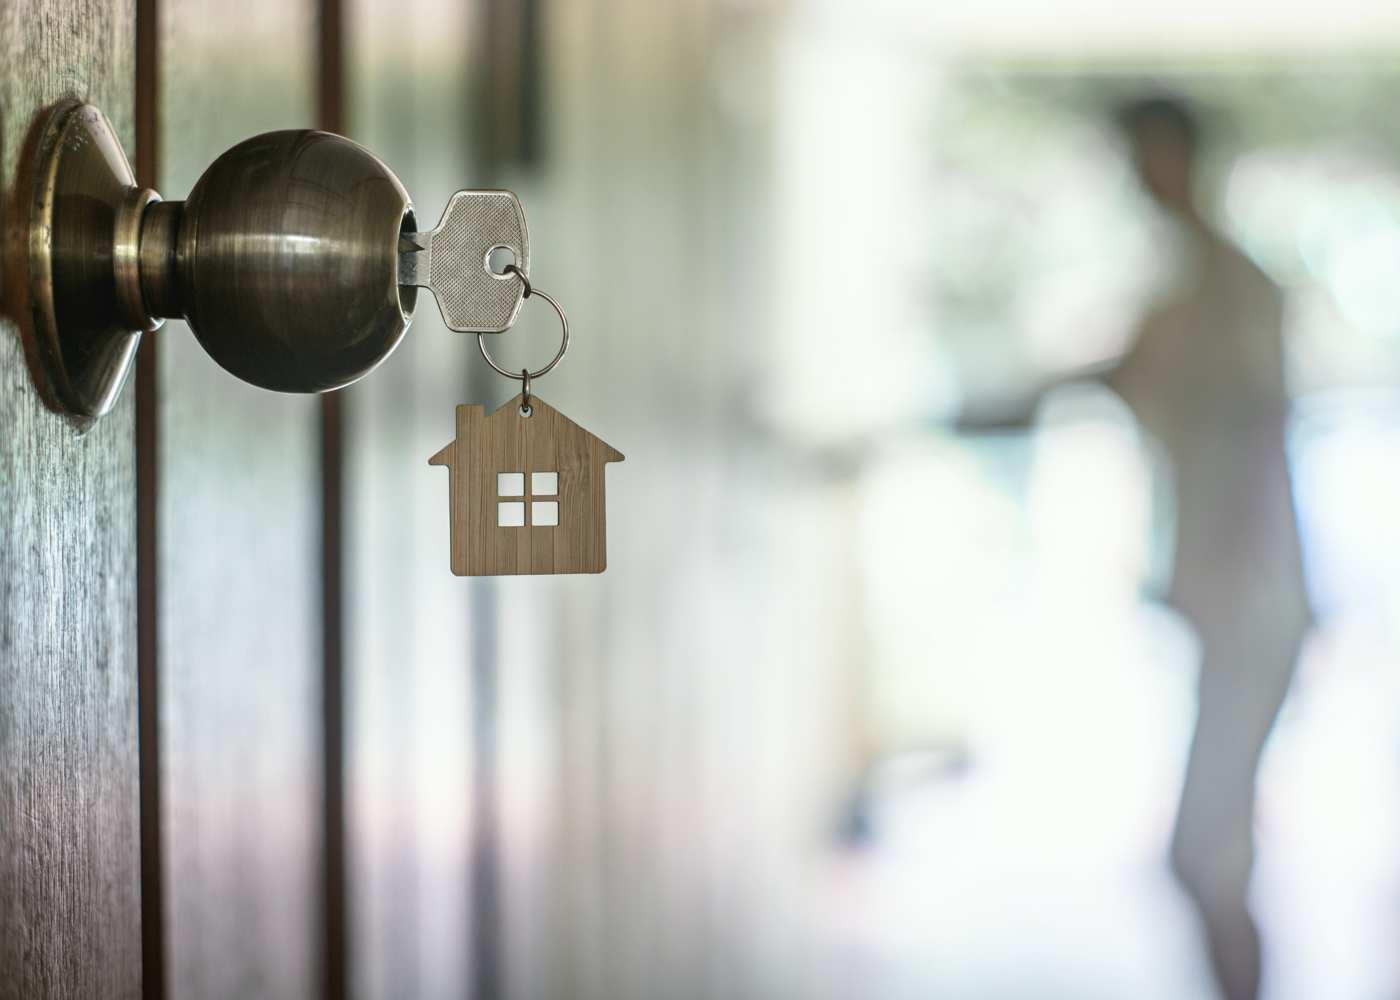 Aprovadas novas medidas excecionais de proteção dos créditos de famílias, empresas e outras entidades